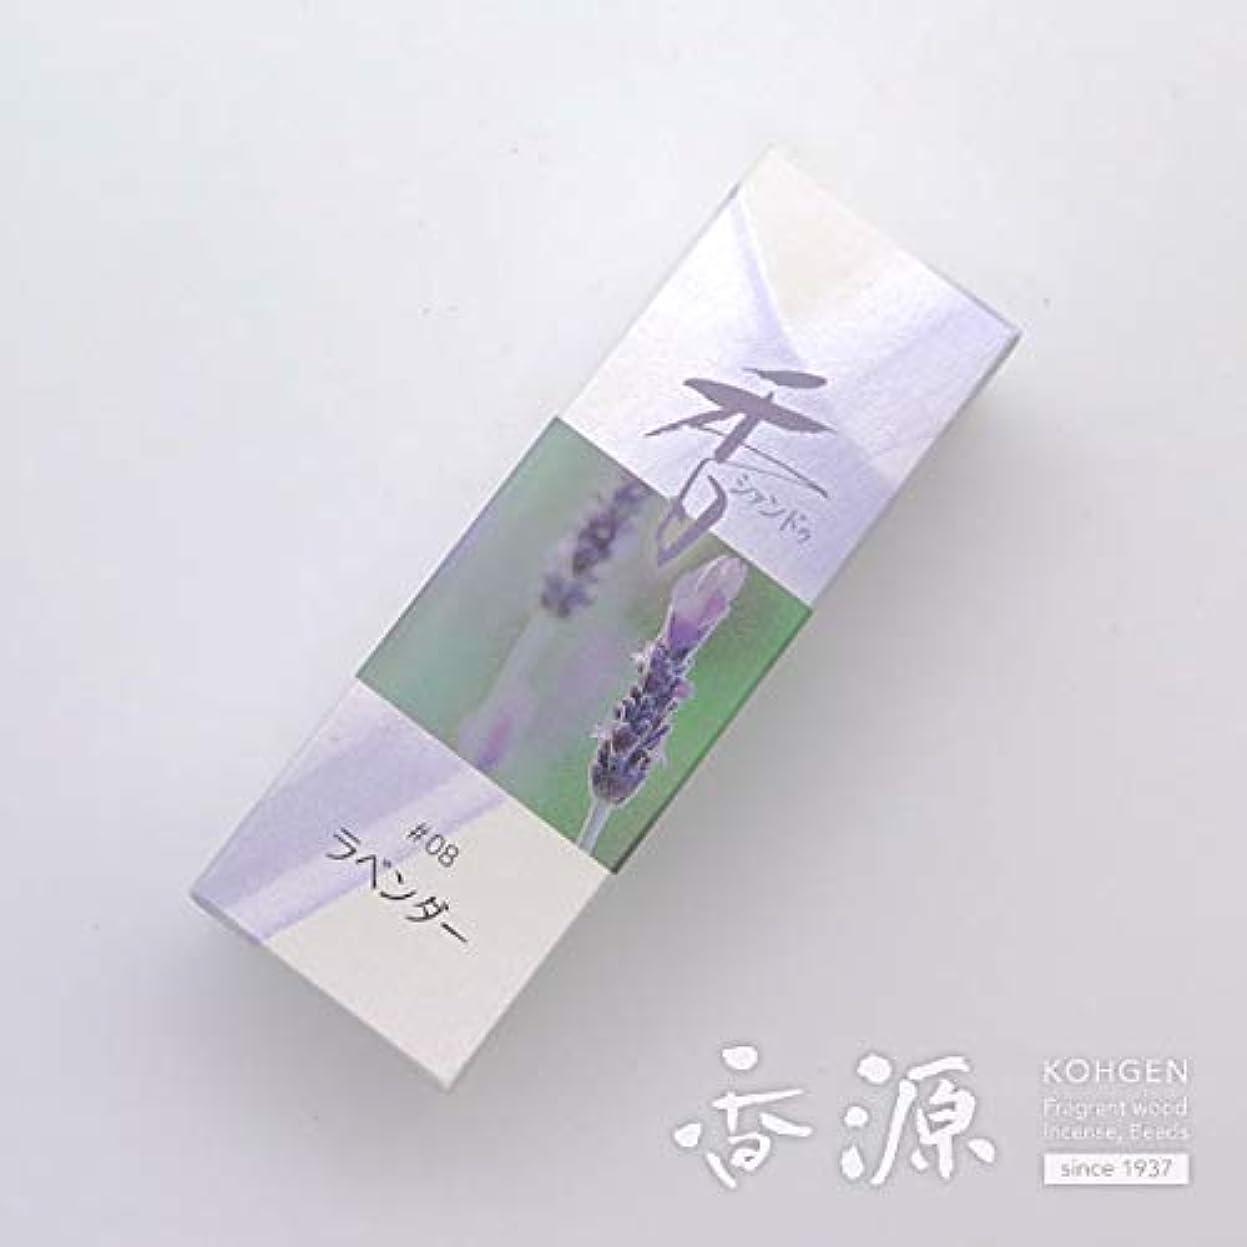 ポゴスティックジャンプ同じ泥棒松栄堂のお香 Xiang Do ラベンダー ST20本入 簡易香立付 #214208